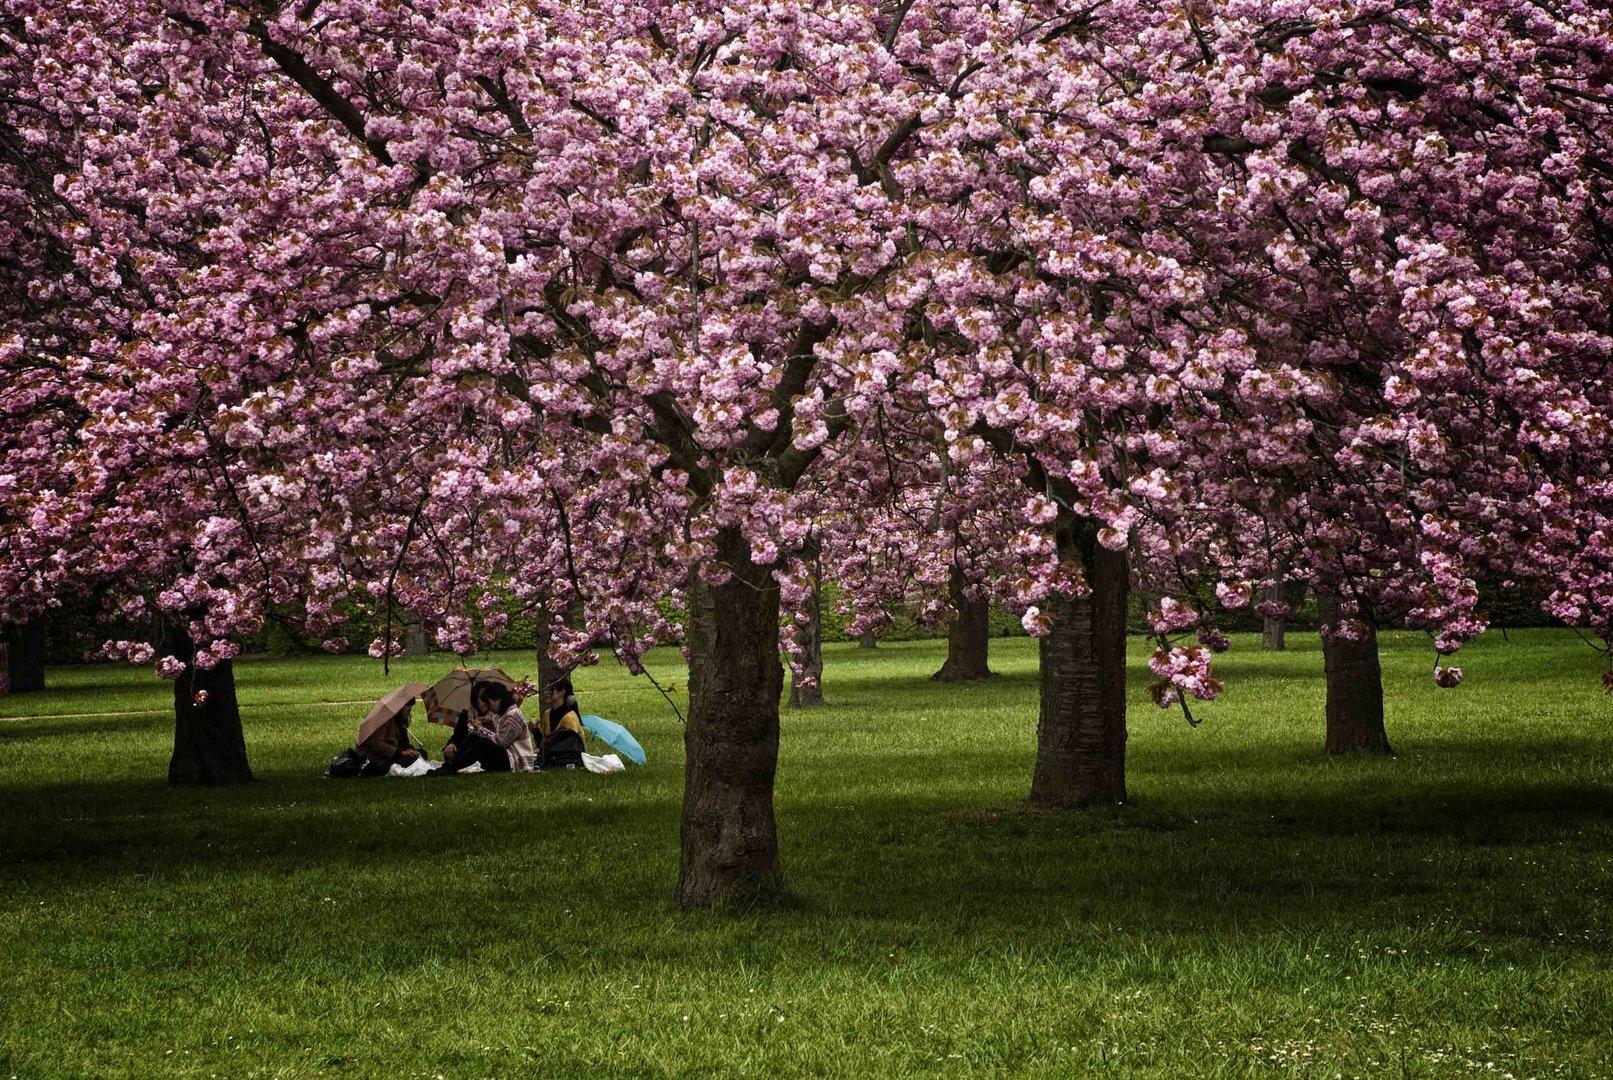 Sous les arbres en fleurs photo et image arbres - Arbre fleur mauve printemps ...